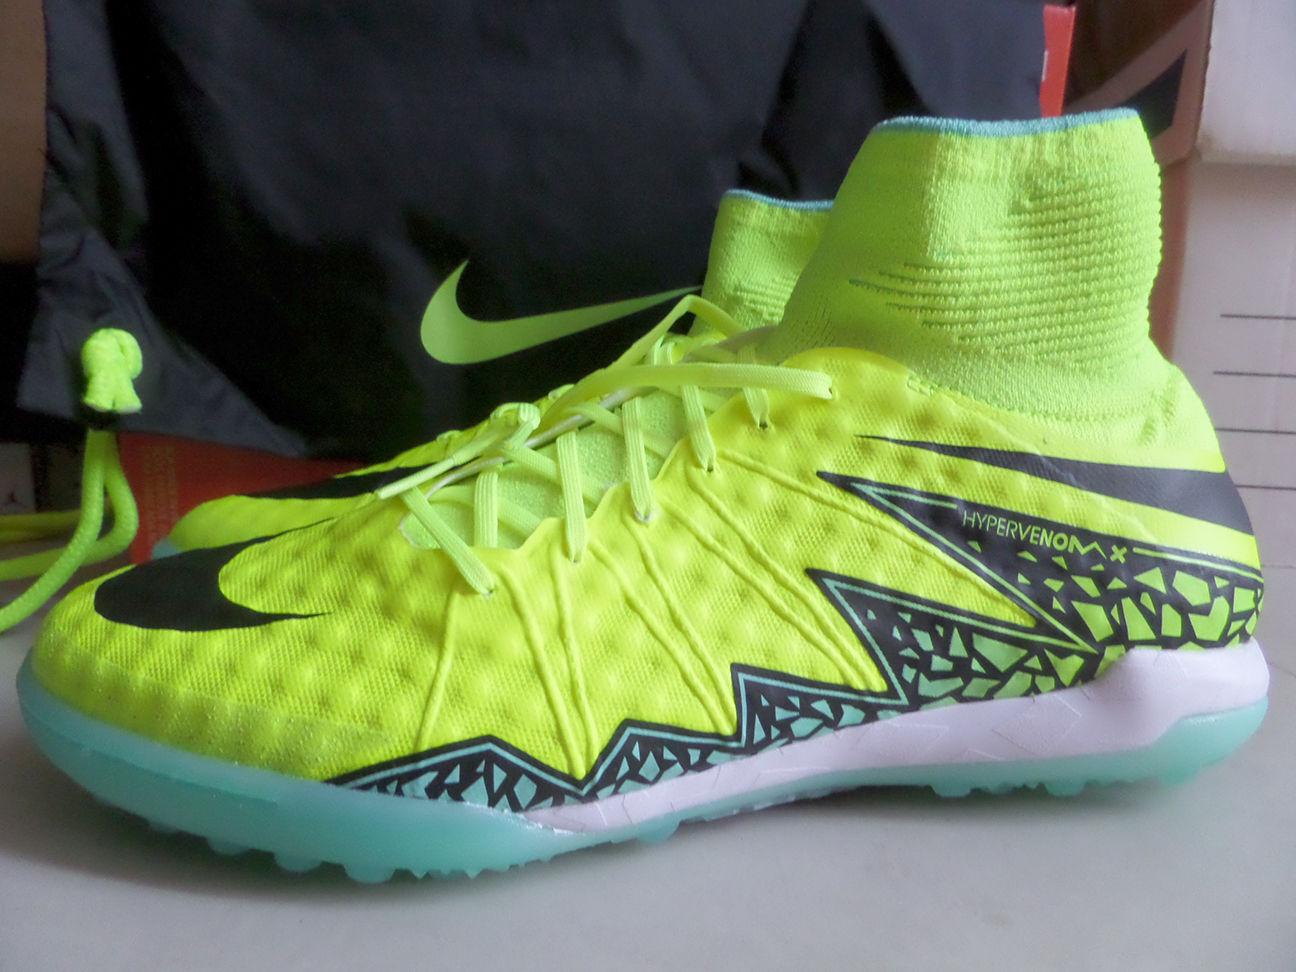 Nike hypervenomx proximo tf taglia 12 uomini territorio scarpe 747484-700 volt